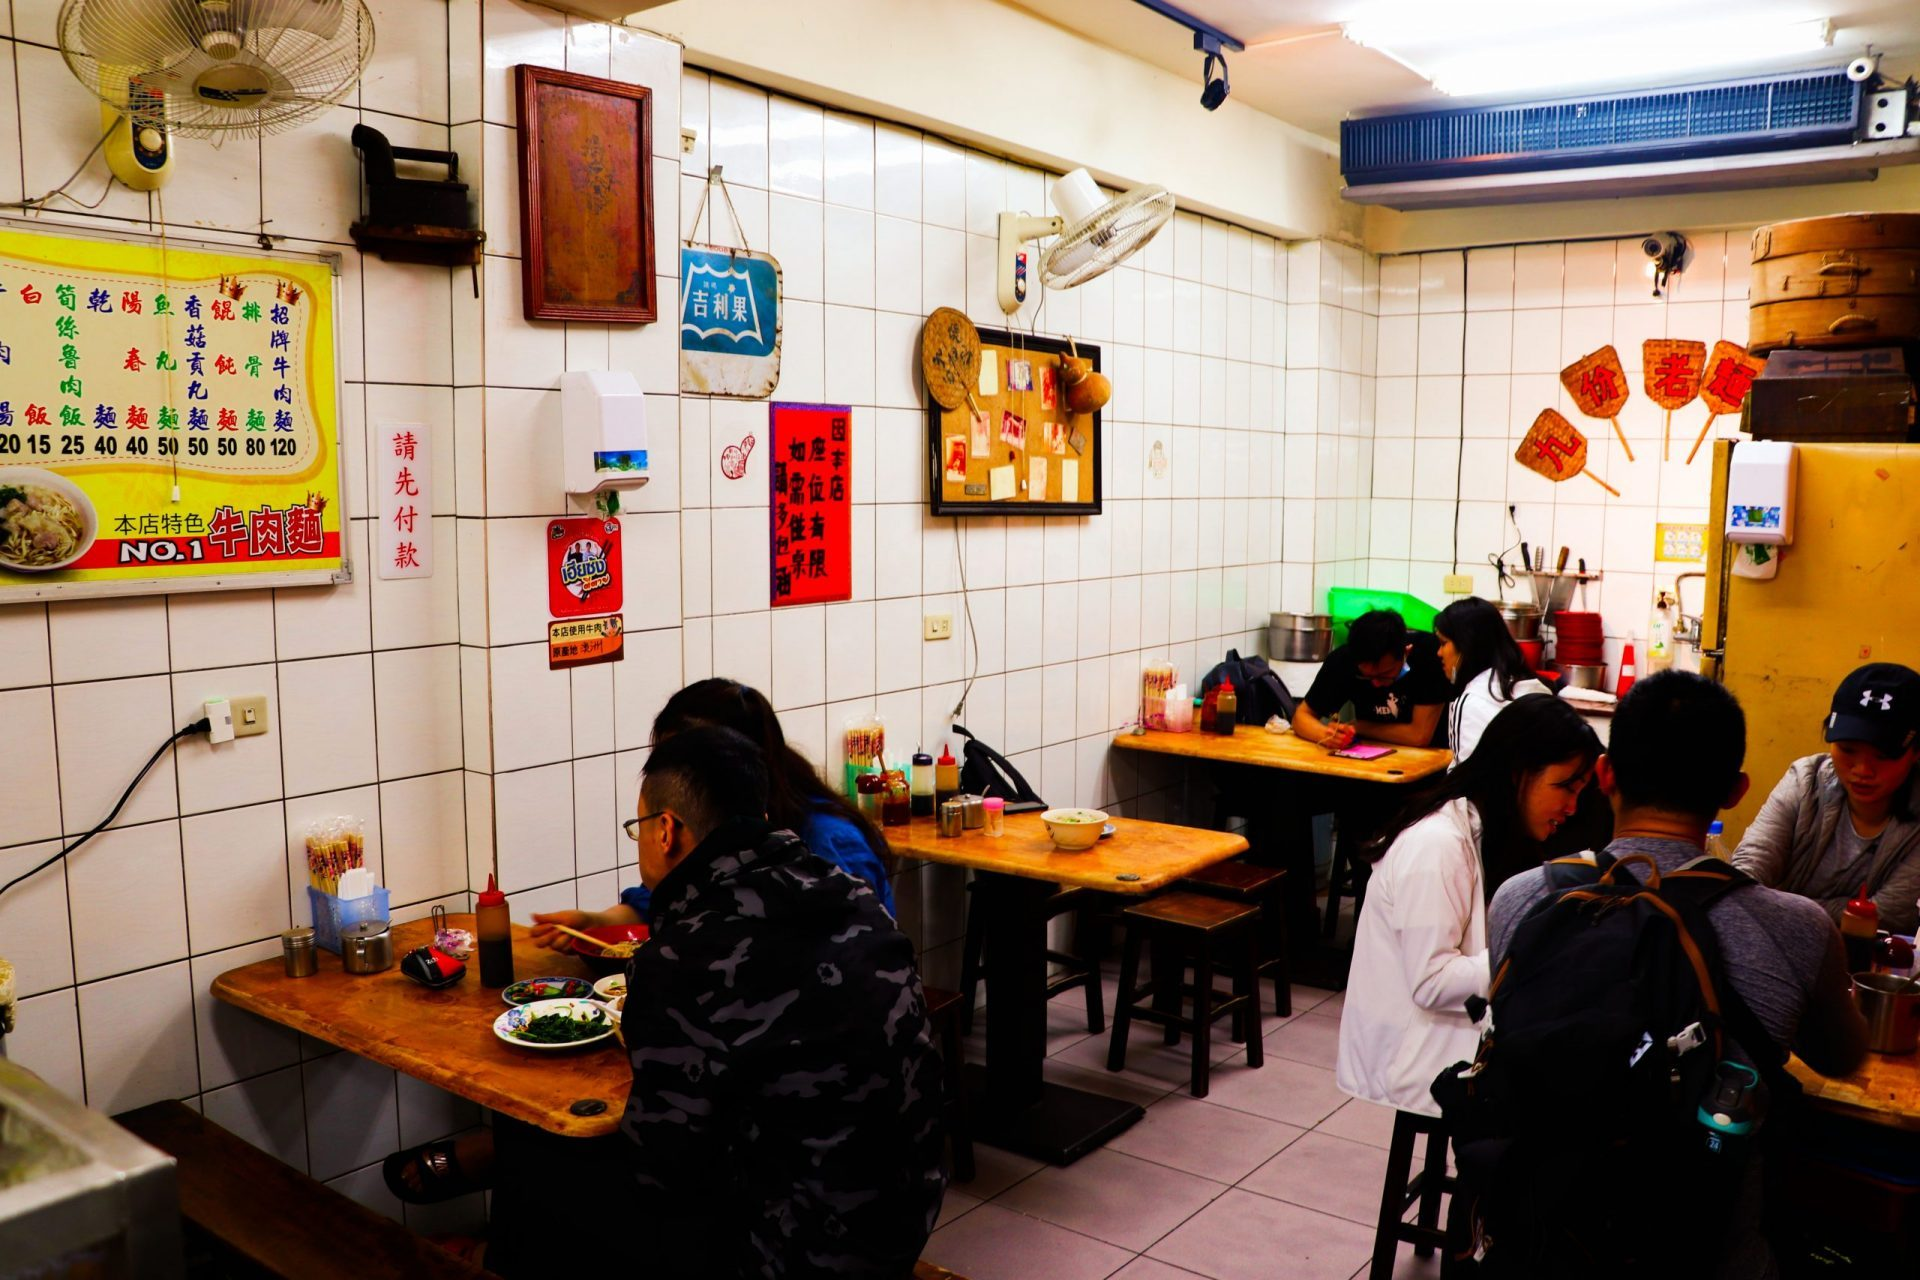 九份老麵店  九份老街必吃 飄香五十年的古早味小吃店《推薦招牌牛肉麵&餛飩麵》